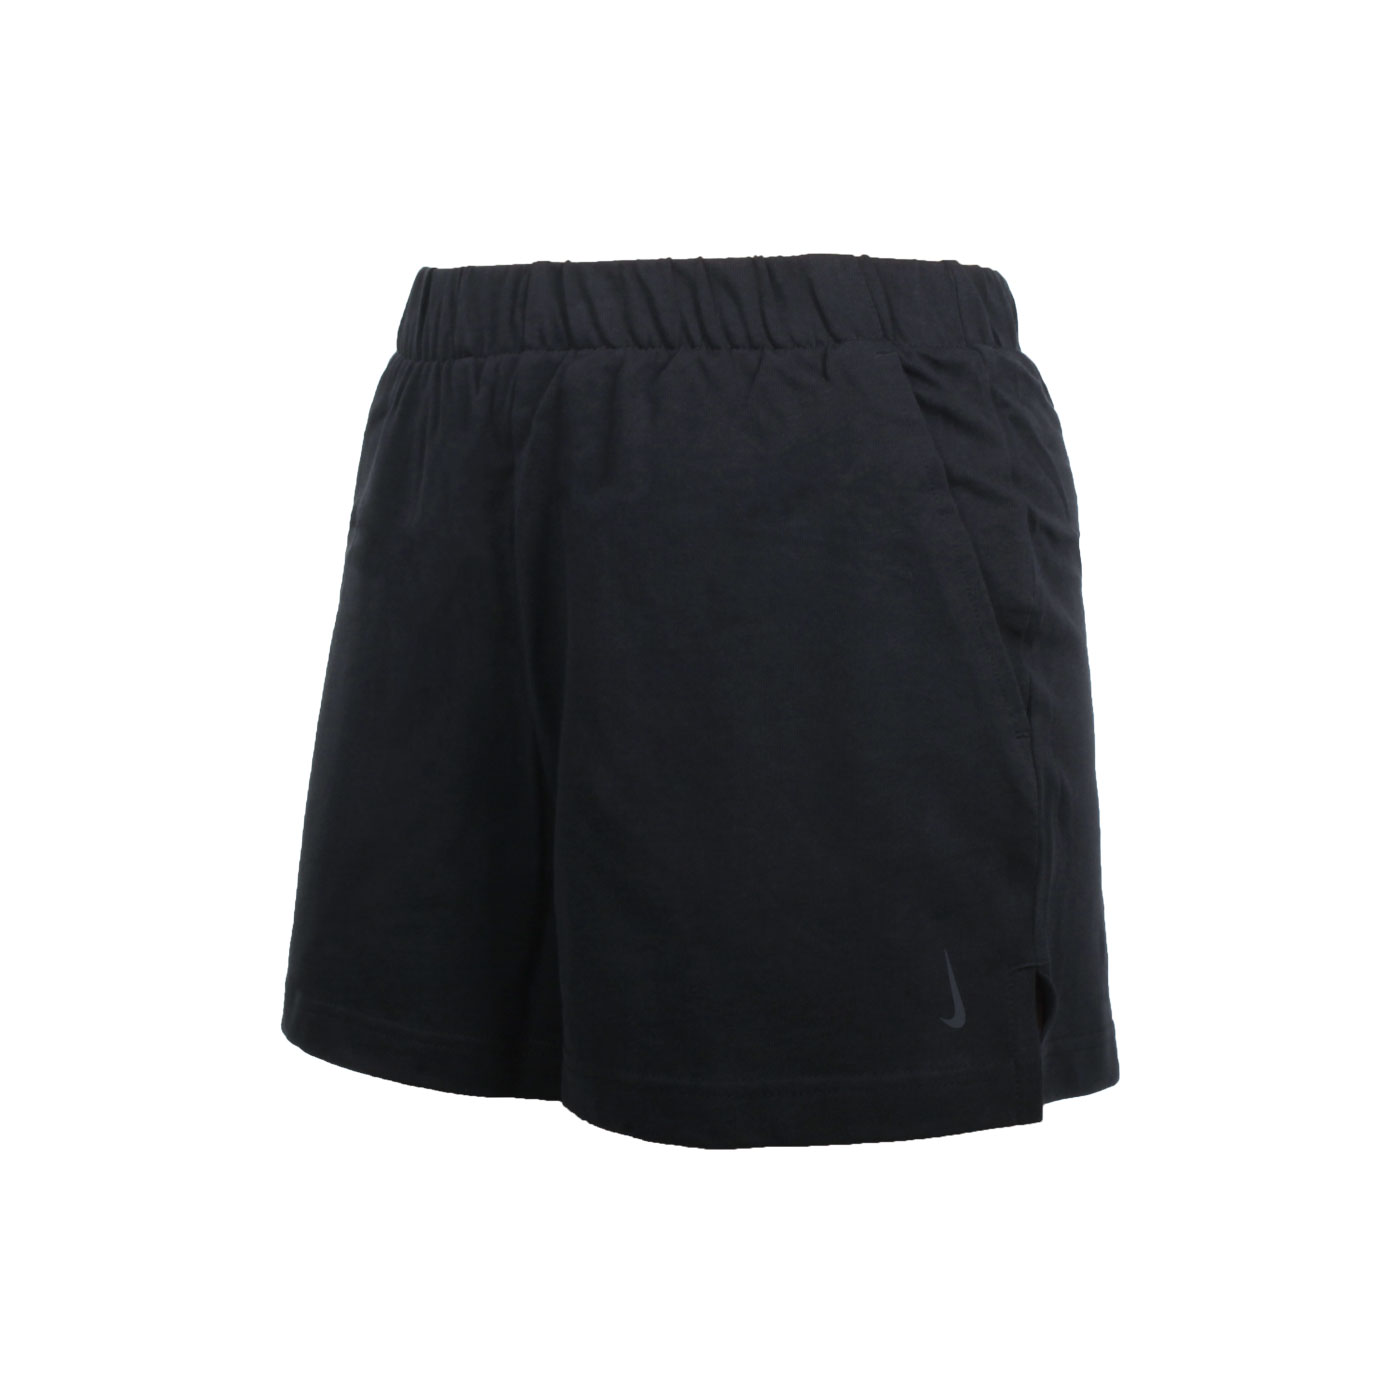 NIKE 女款短褲 DA1032-010